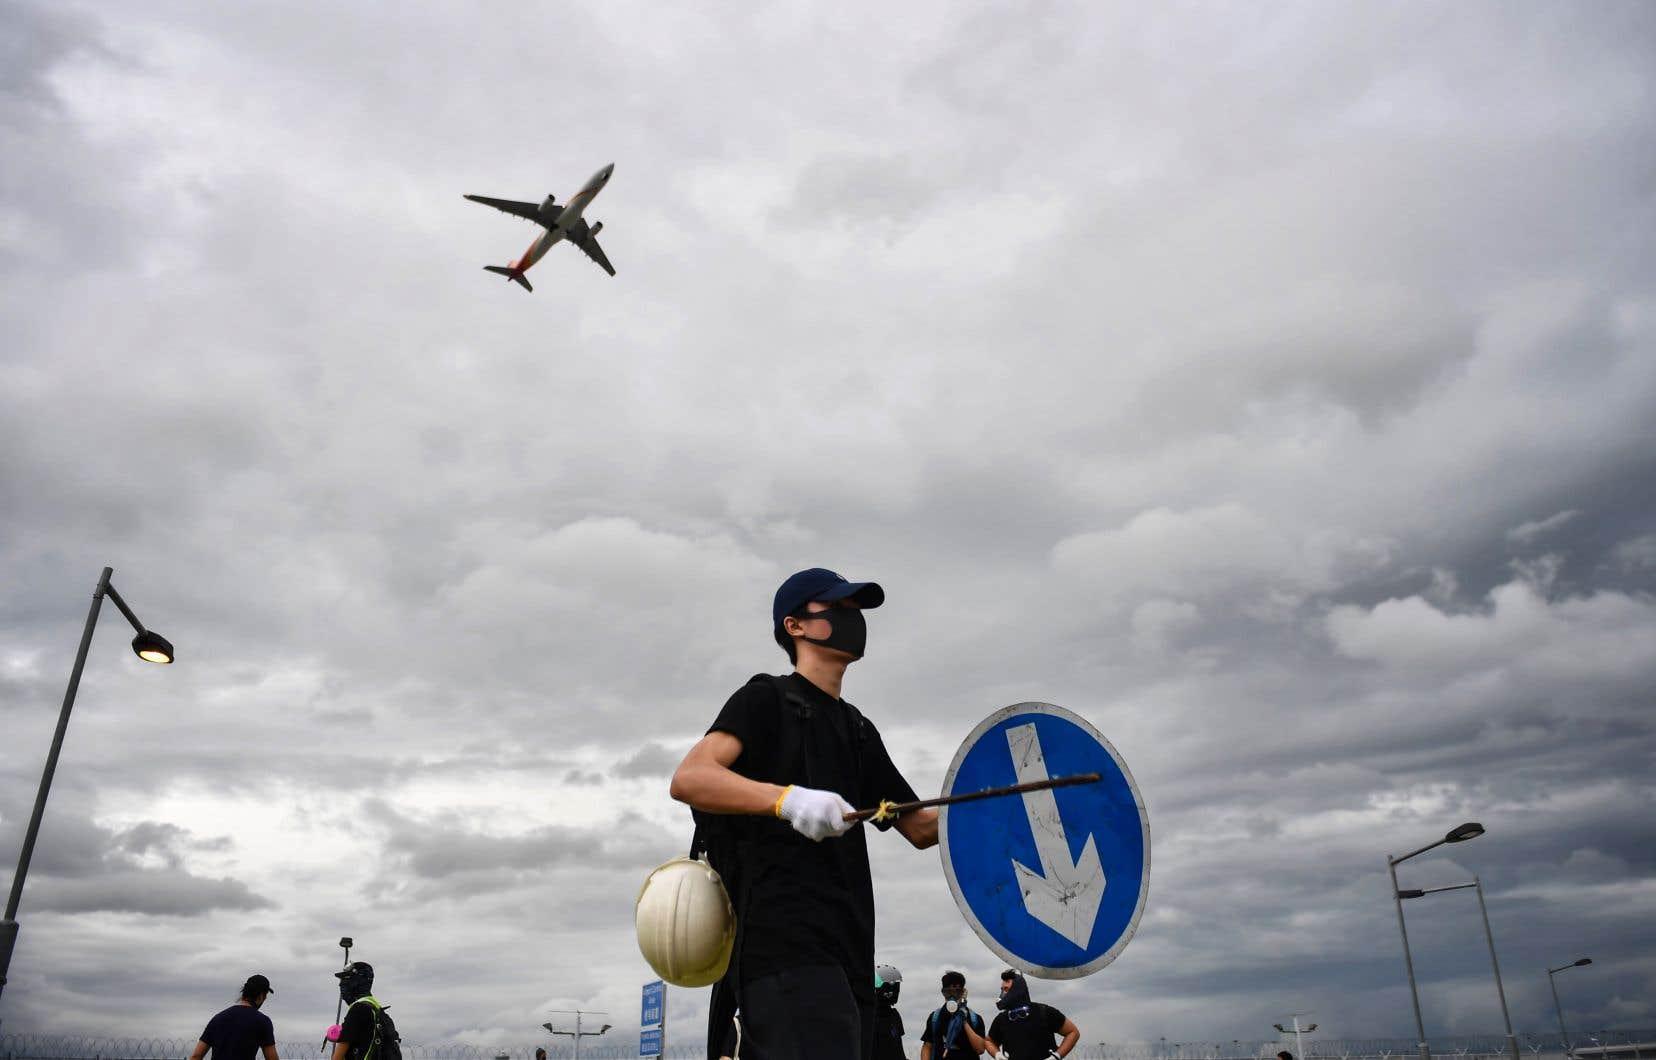 Les manifestants n'ont en théorie plus le droit de protester à l'aéroport, en vertu d'un arrêté qui avait été pris le mois dernier après que des rassemblements dans ses terminaux eurent dégénéré et affecté des centaines de vols.